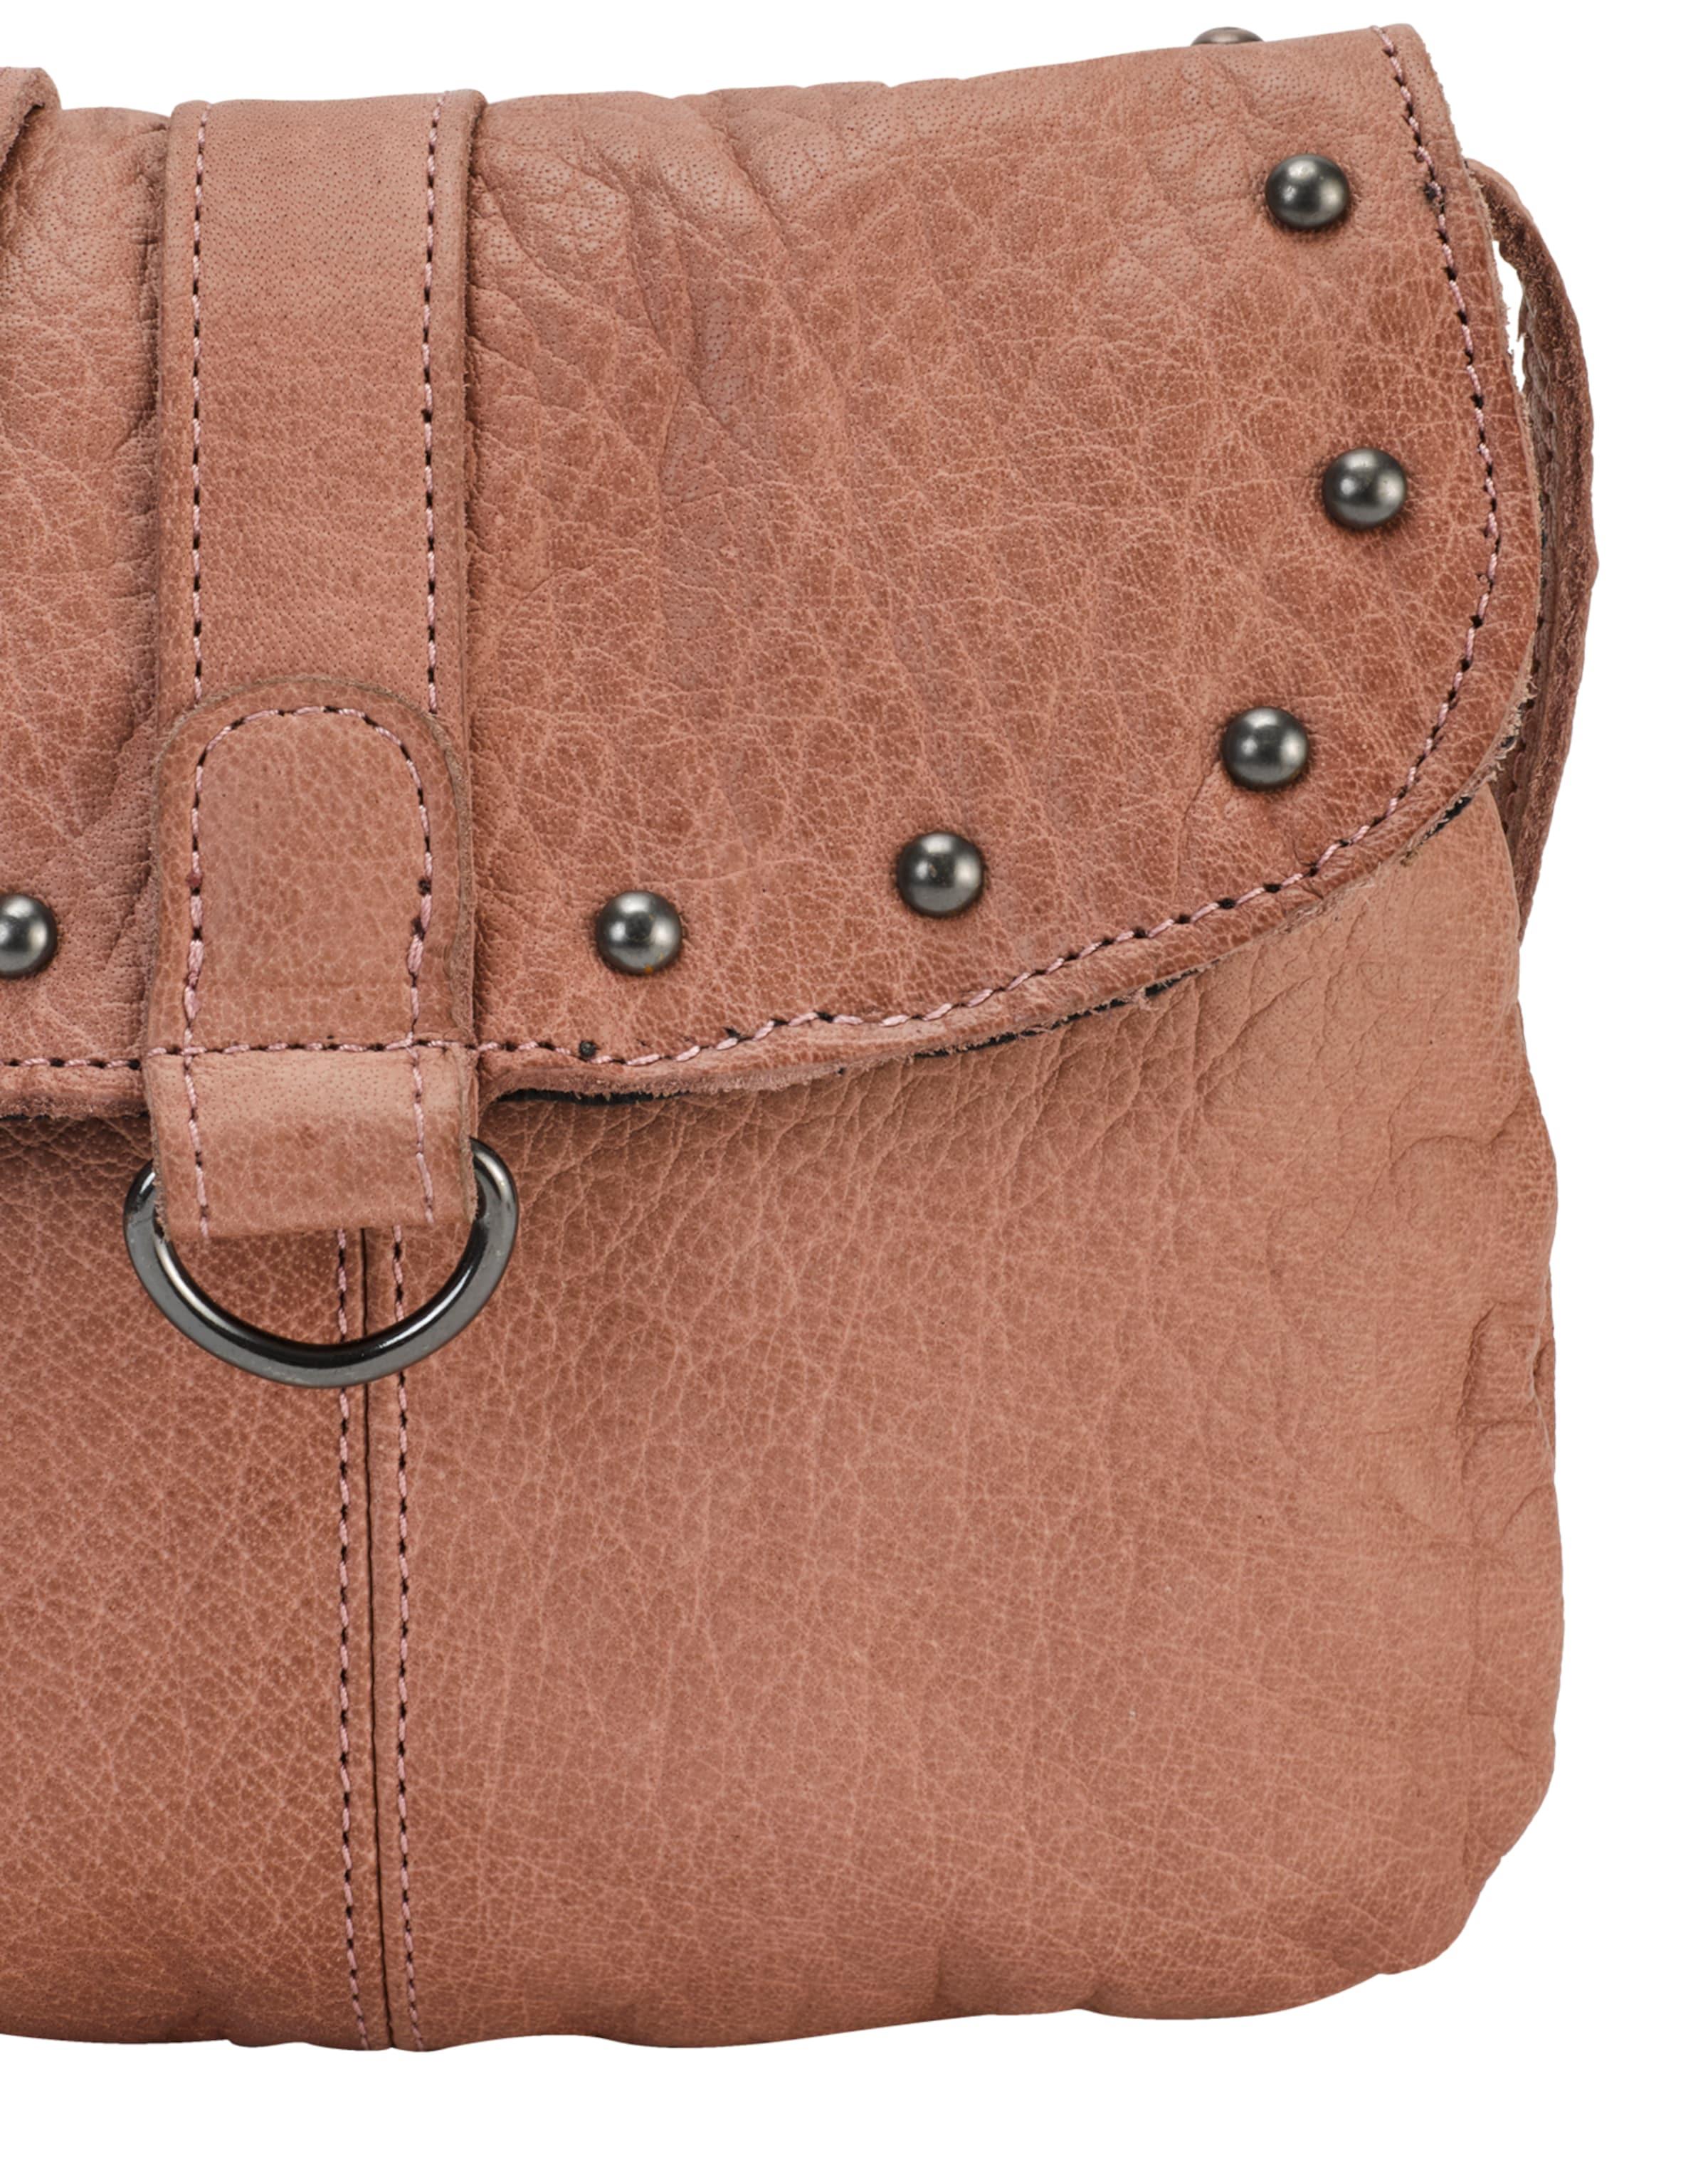 PIECES Crossbody Bag 'Pcnadeen' Billig Verkauf Besuch Verkauf Zuverlässig jx4Fq